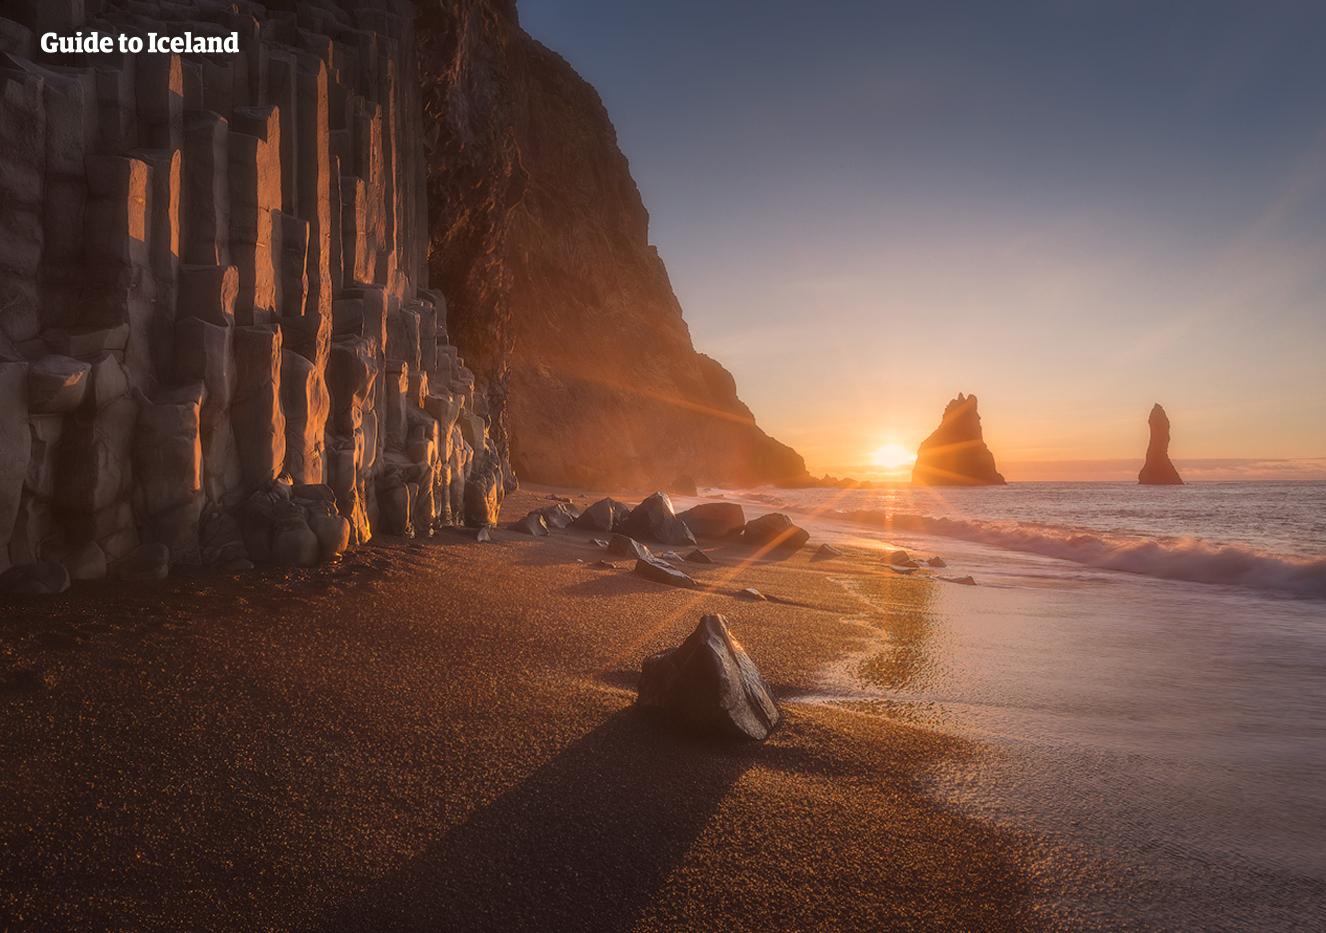 พระอาทิตย์ตกในชายหาดทรายดำเรย์นิสฟยารา.